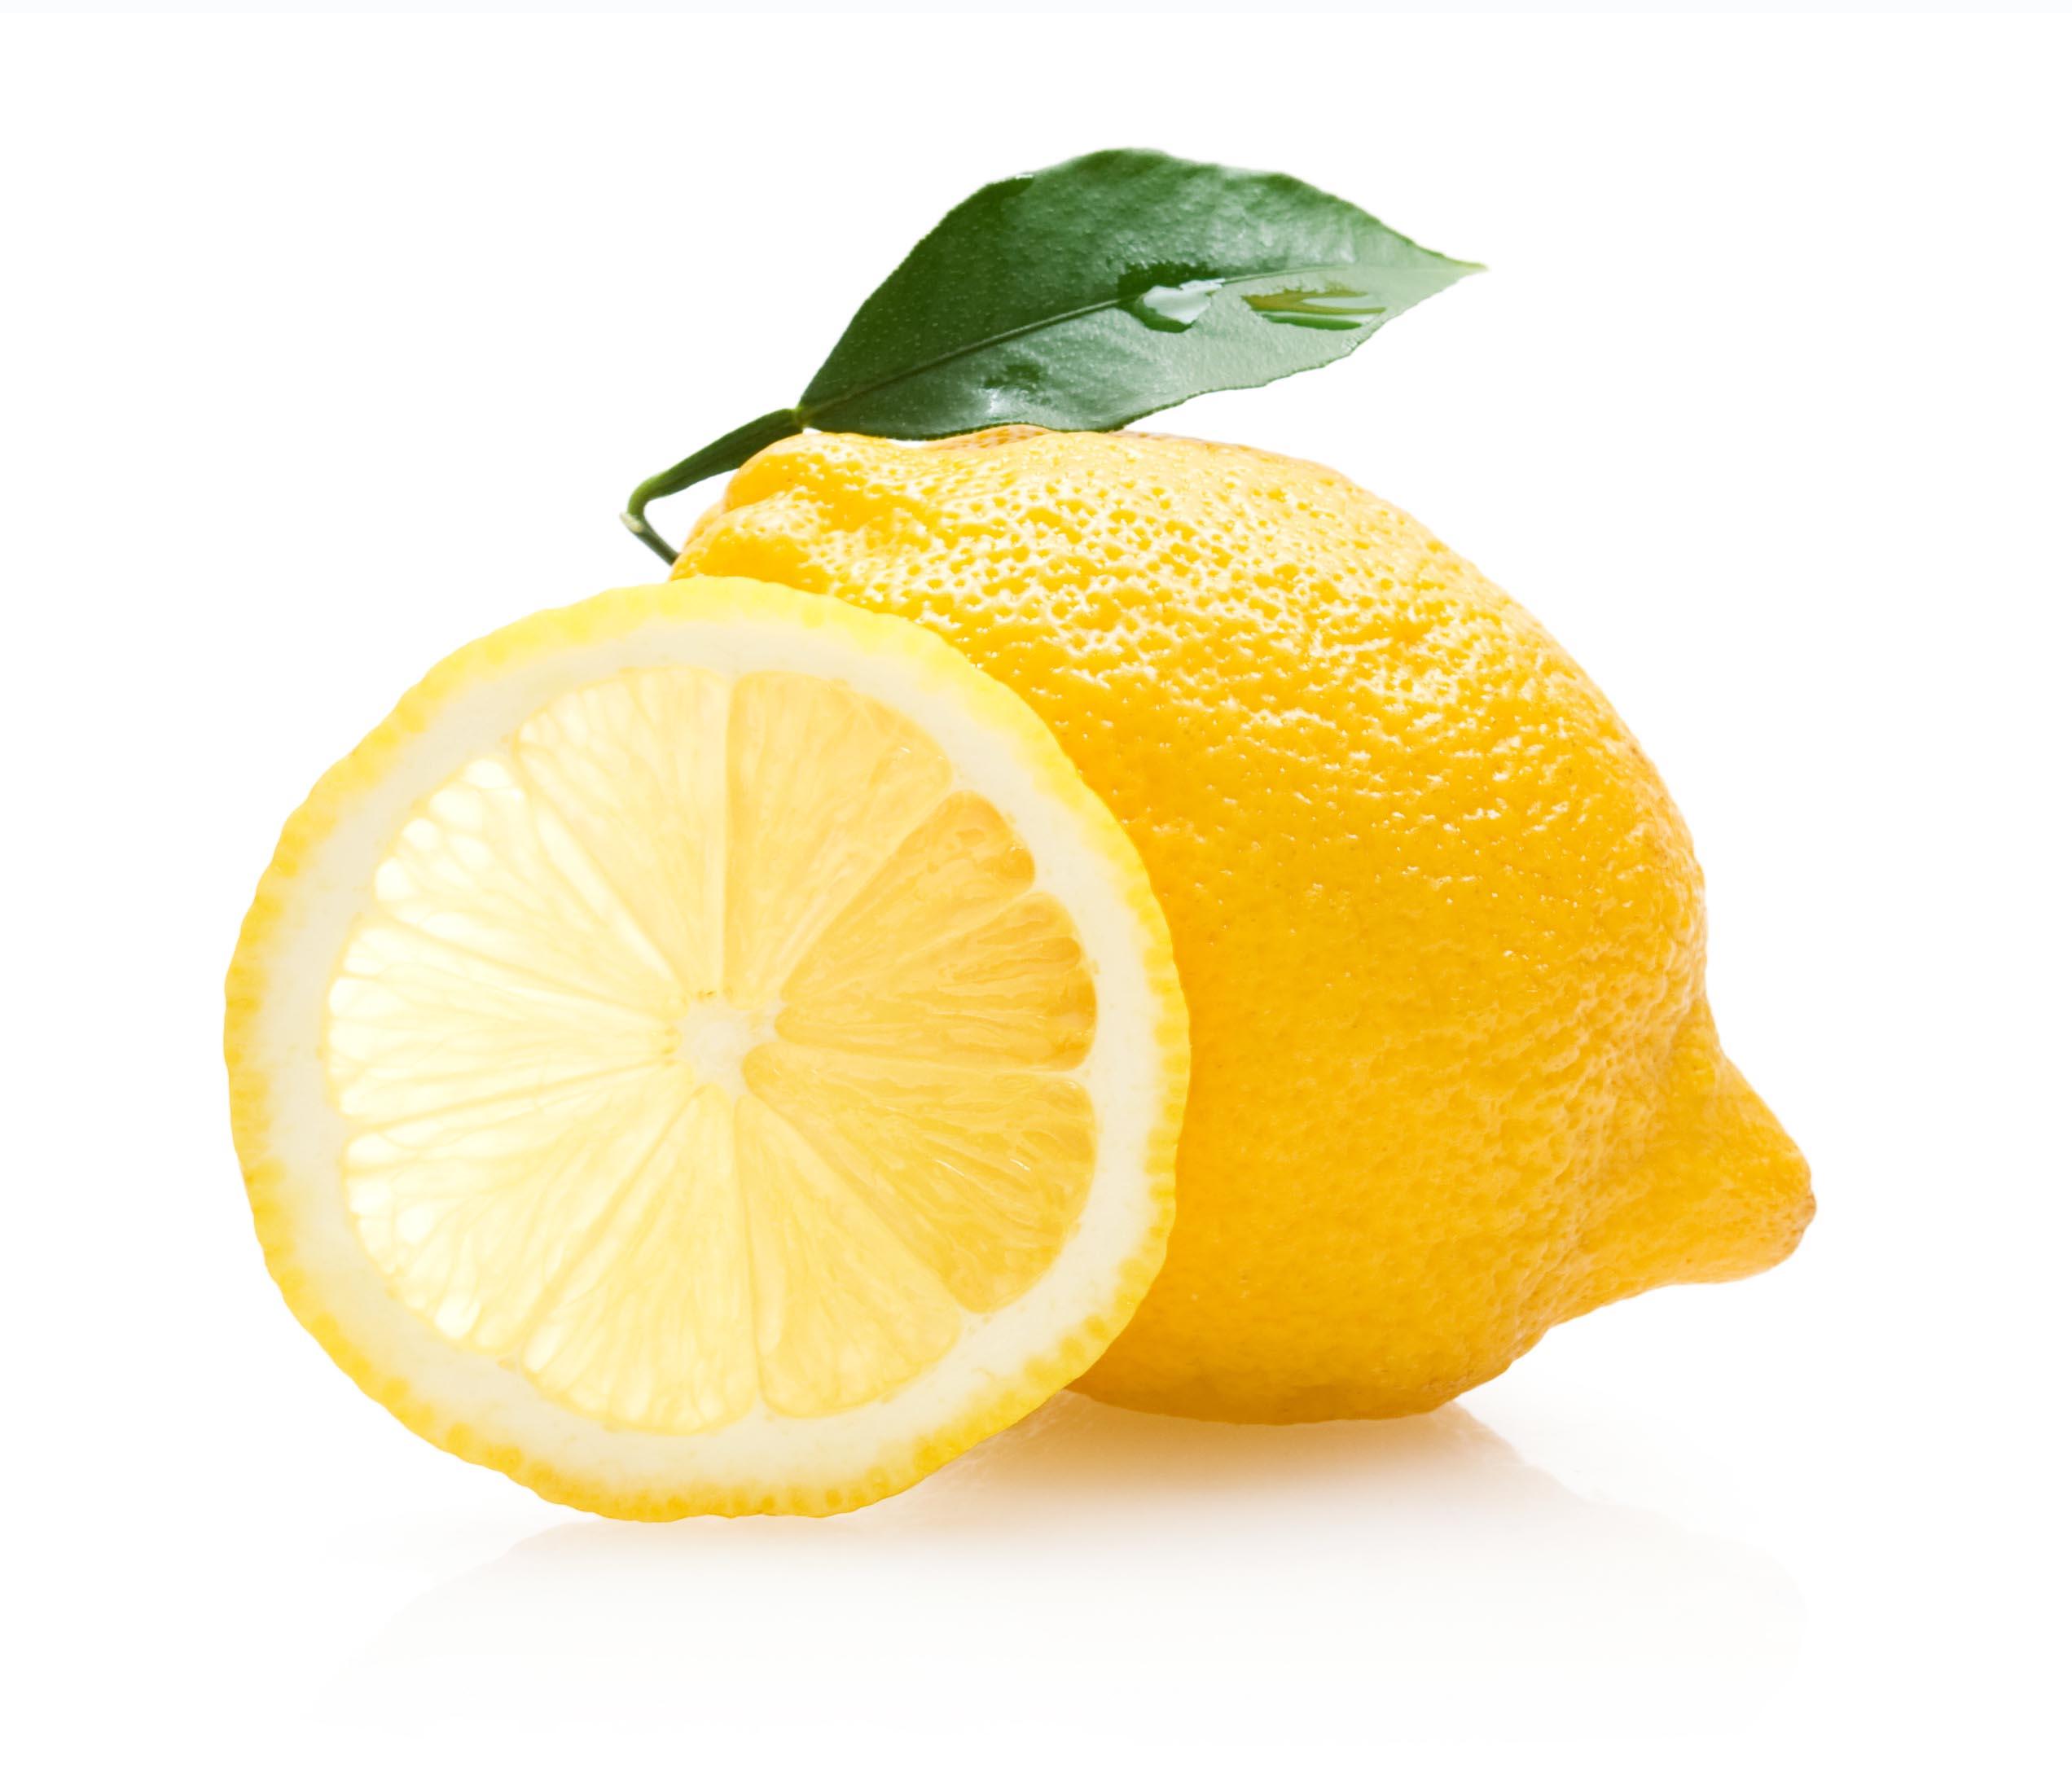 Lemon, 1, Refreshing, Leaf, Macro, HQ Photo